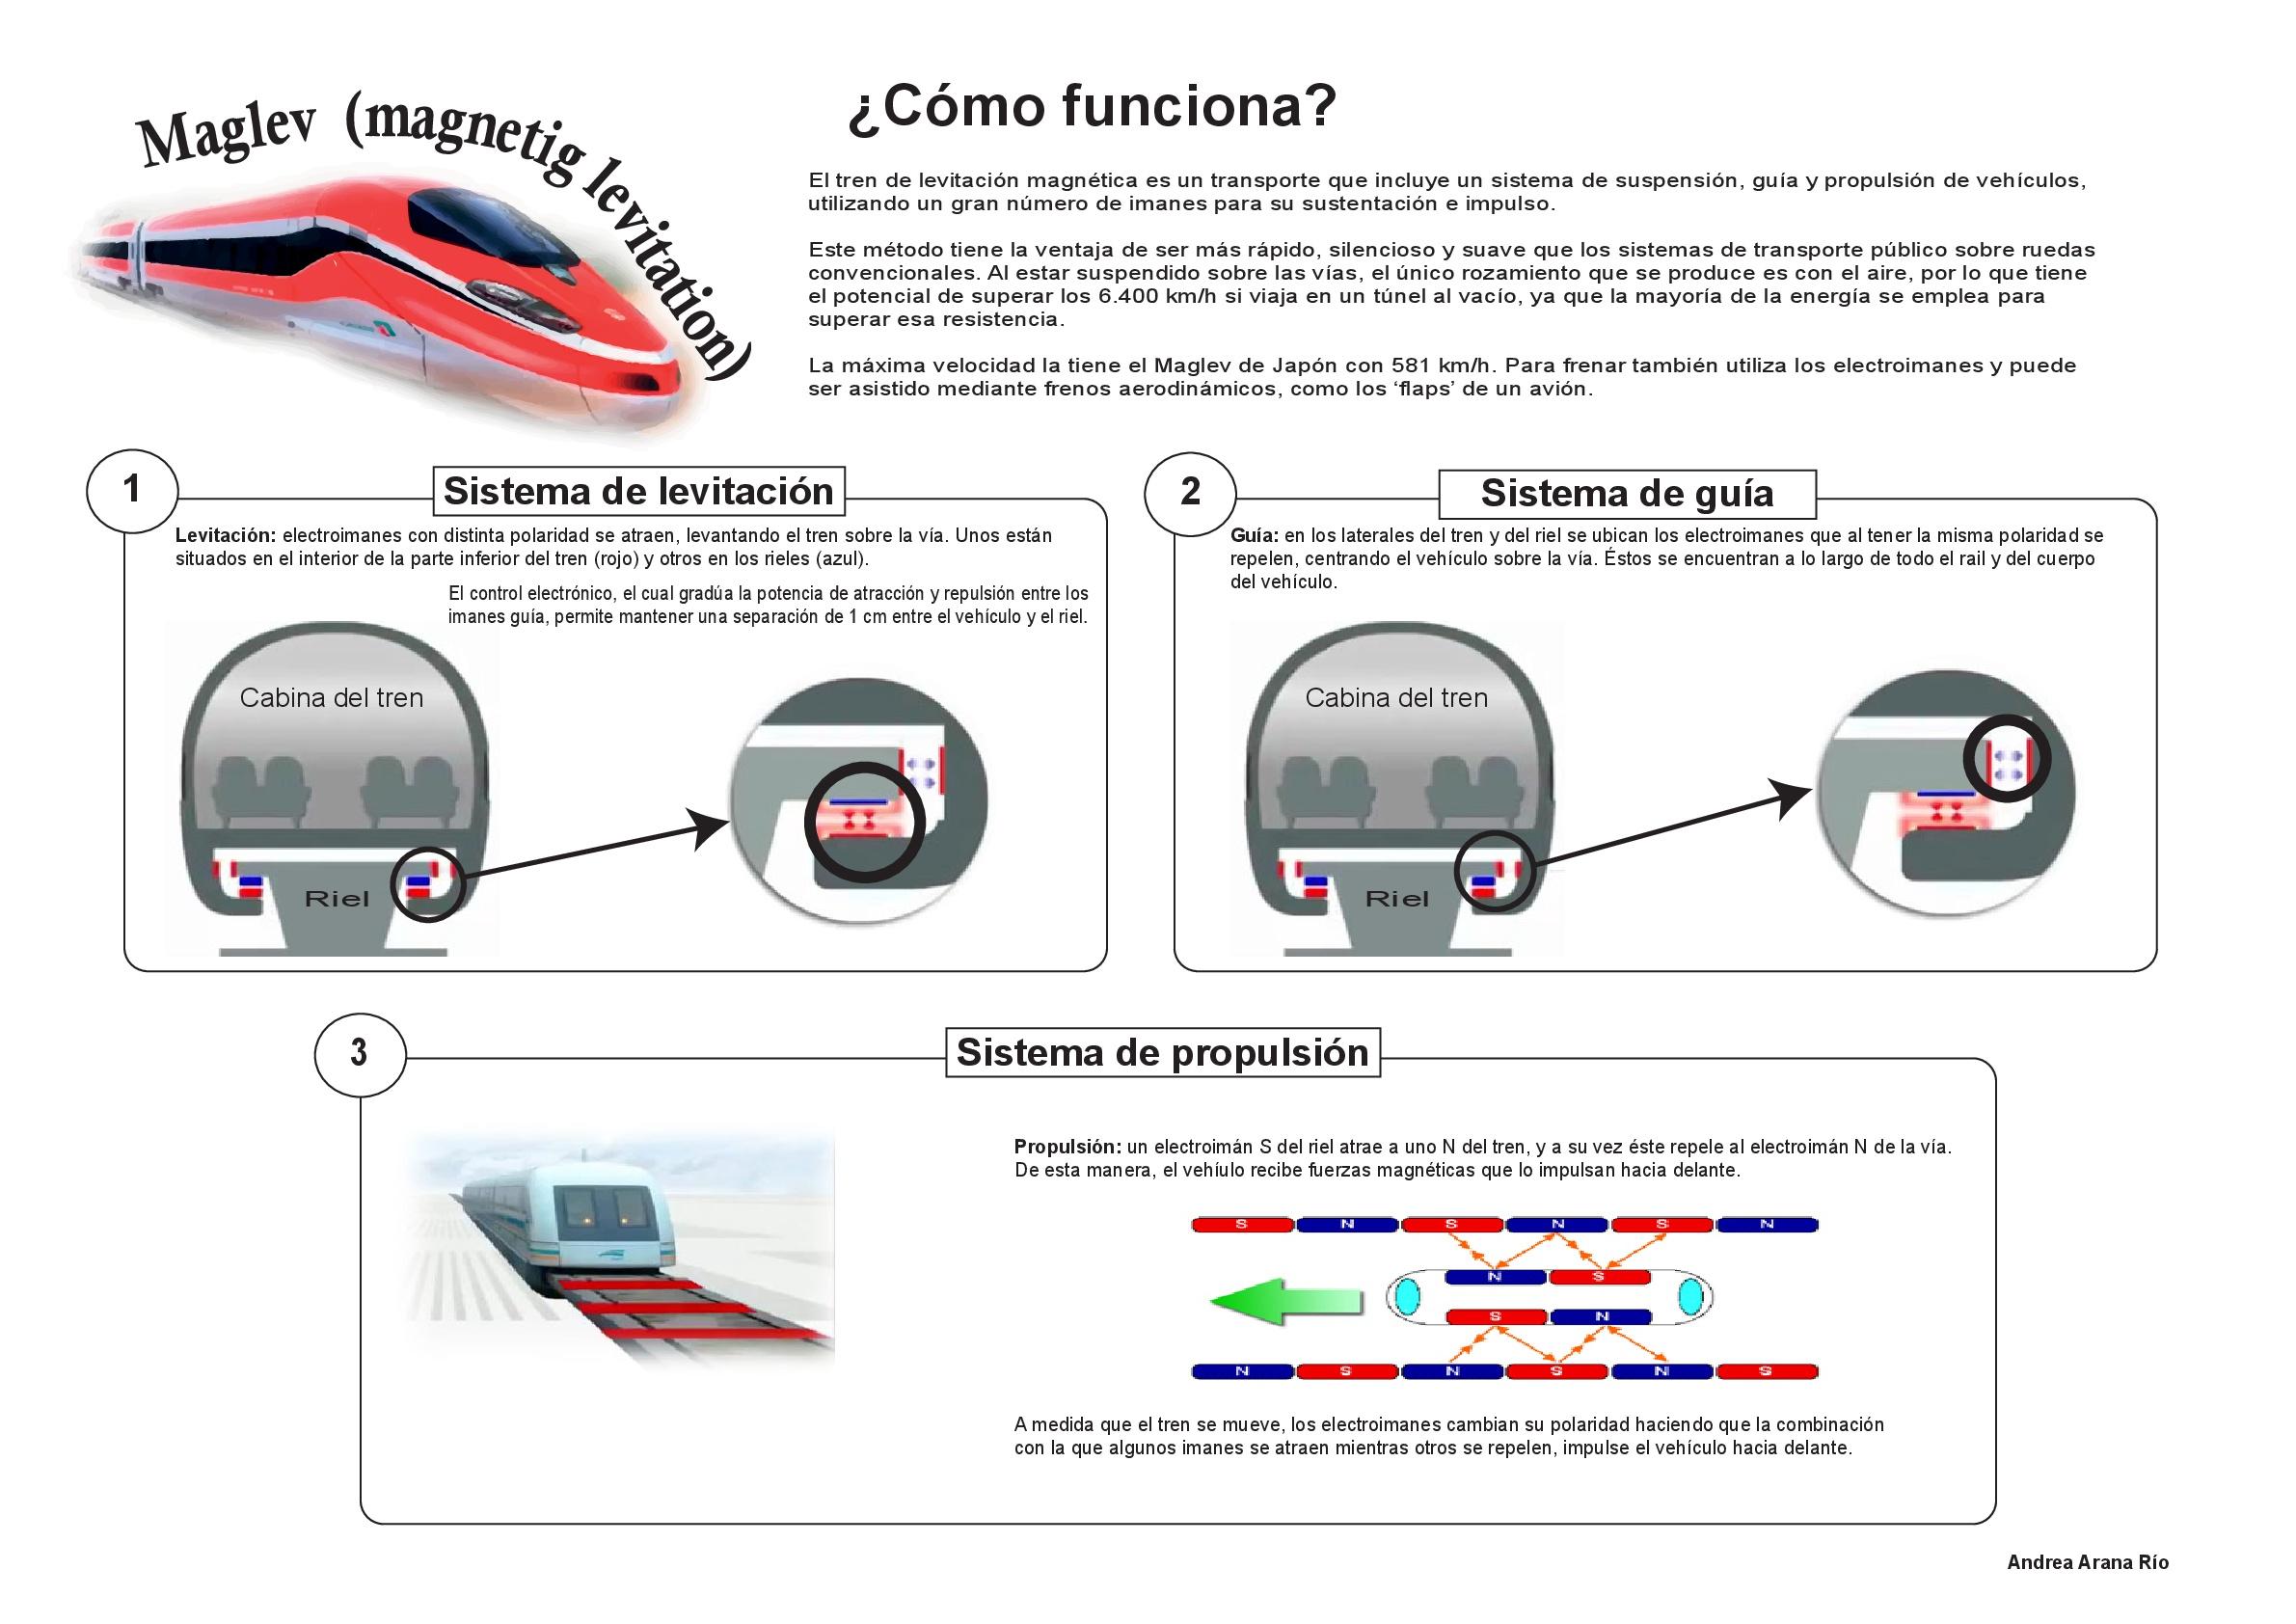 Infografía: Maglev (Magnetic levitation): el sistema del tren de levitación magnética